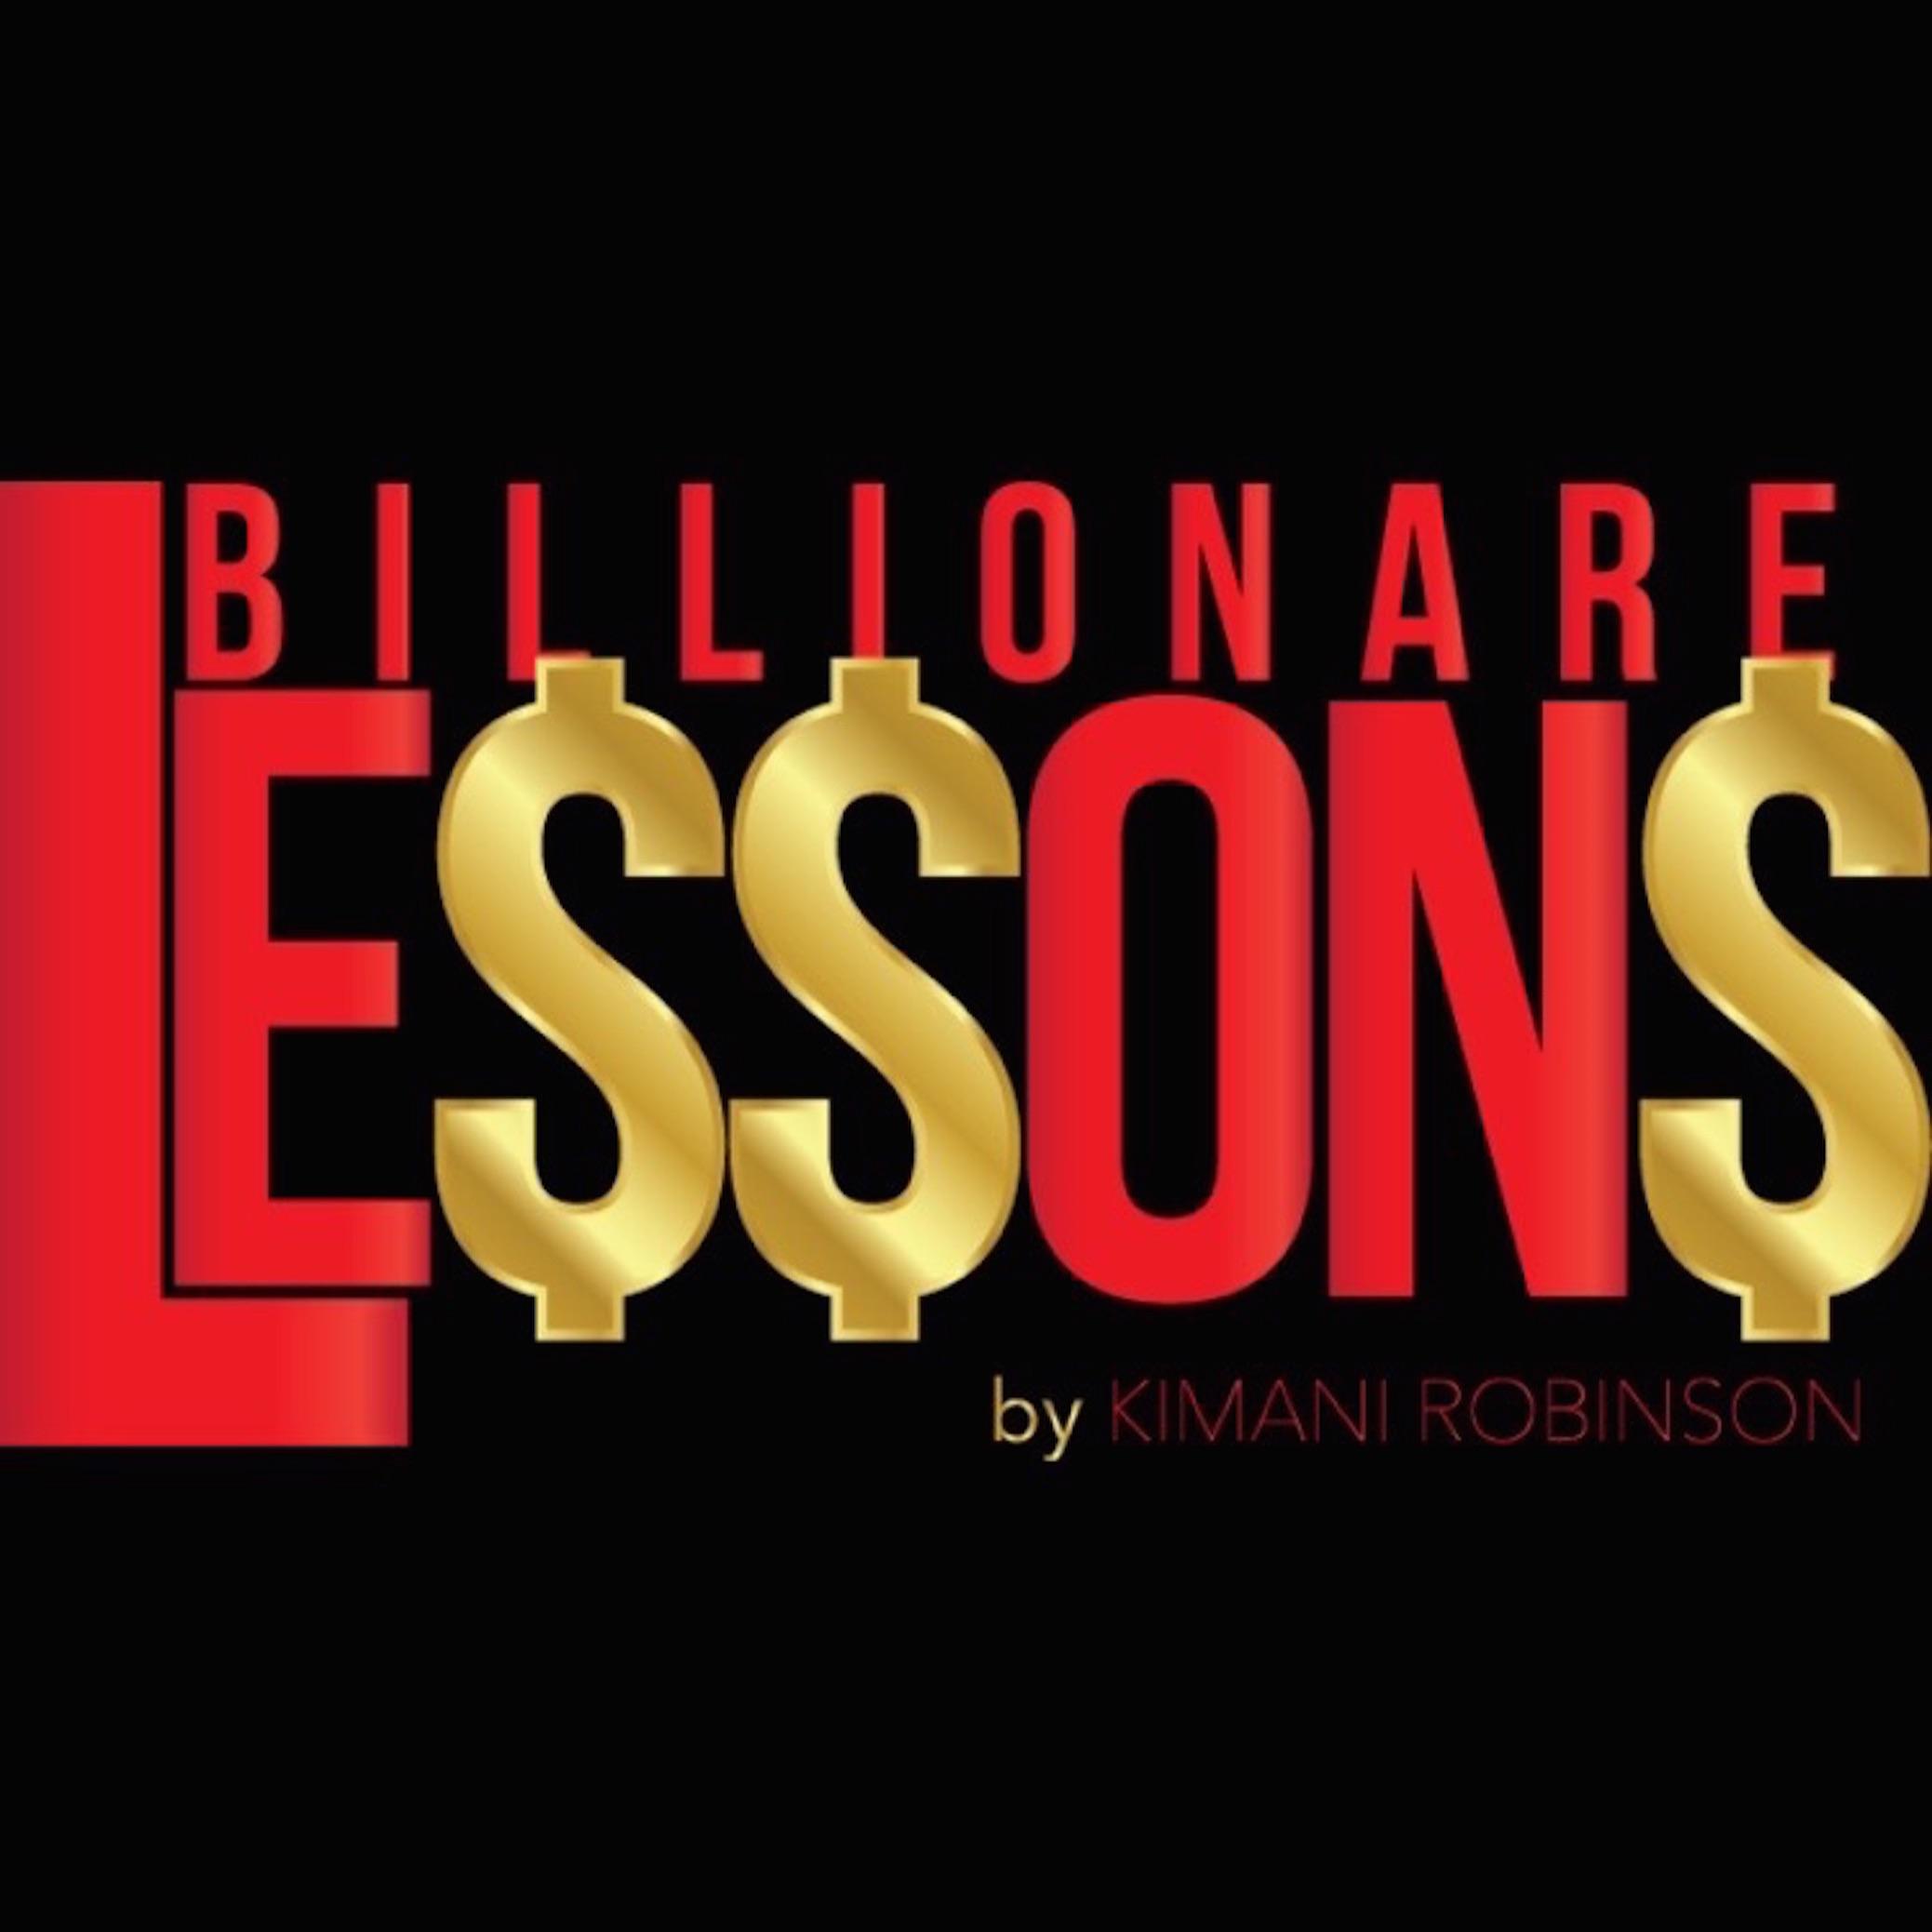 Billionare Lessons.jpg